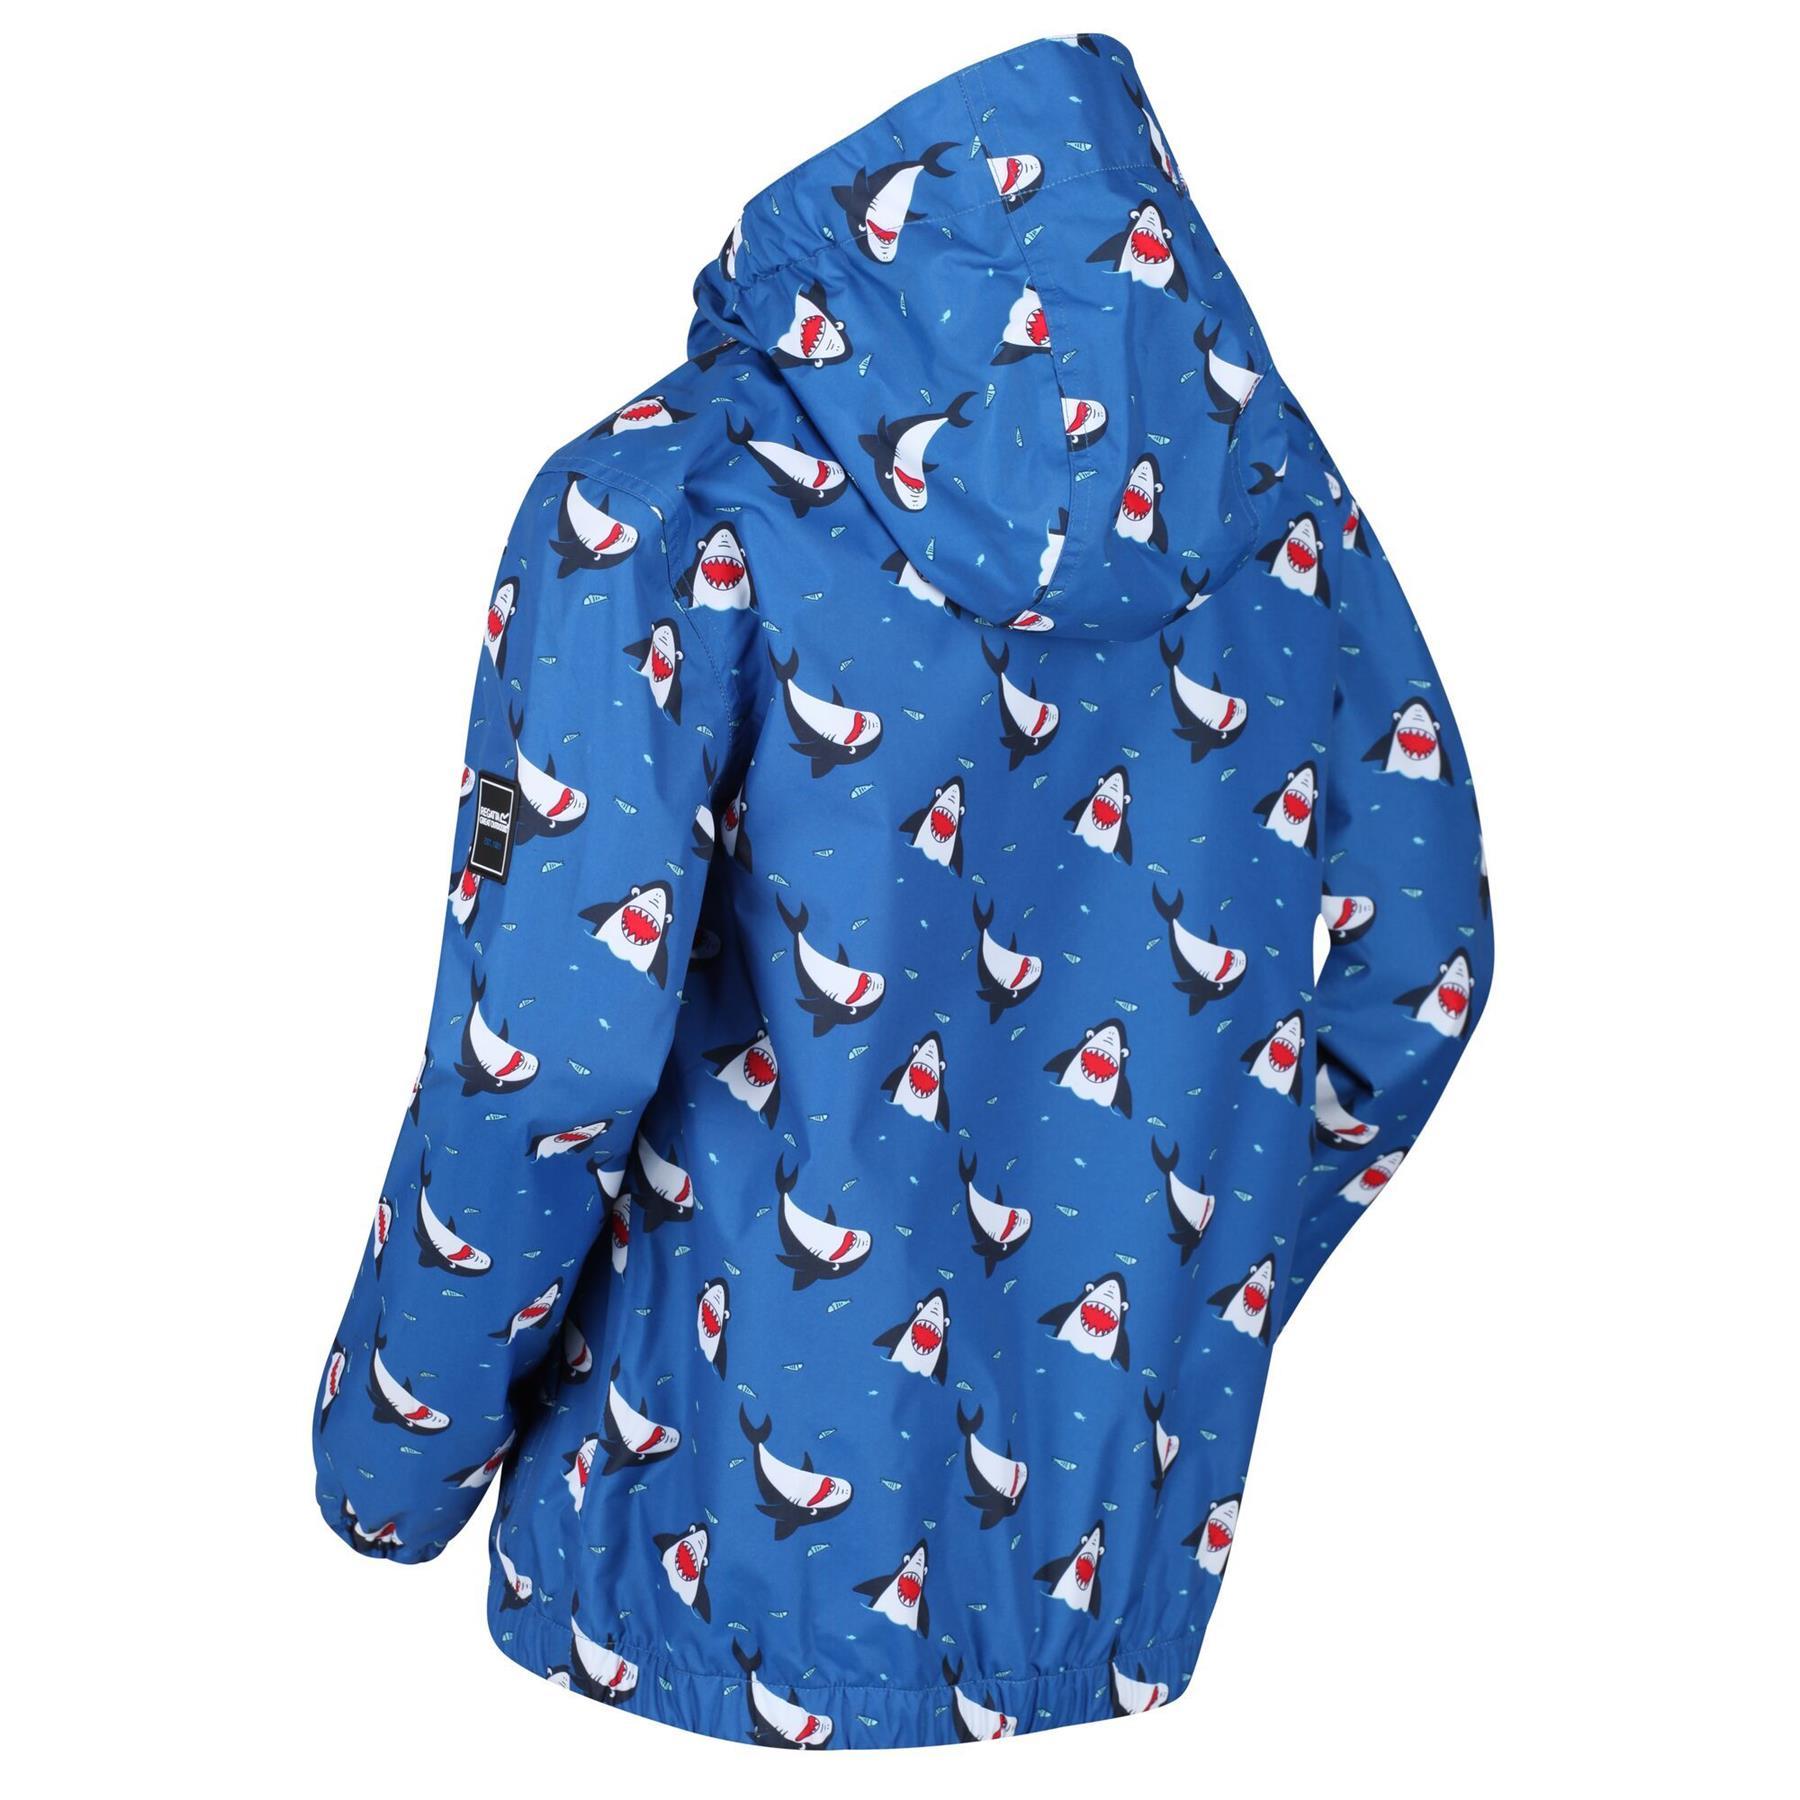 miniatuur 5 - Regatta Kids Ellison Printed Childrens Waterproof Jacket Hooded Coat